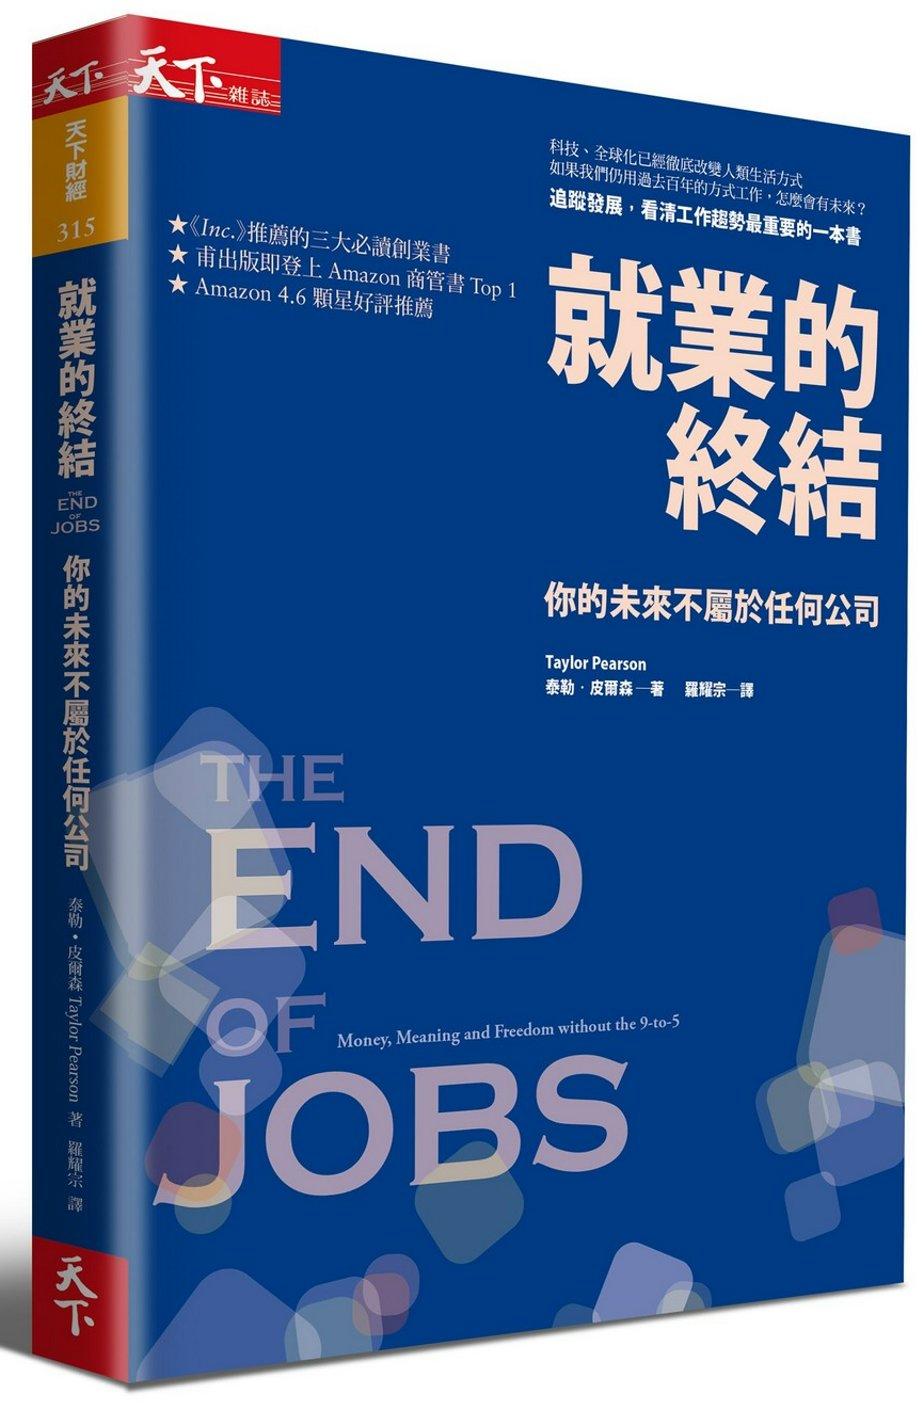 就業的終結